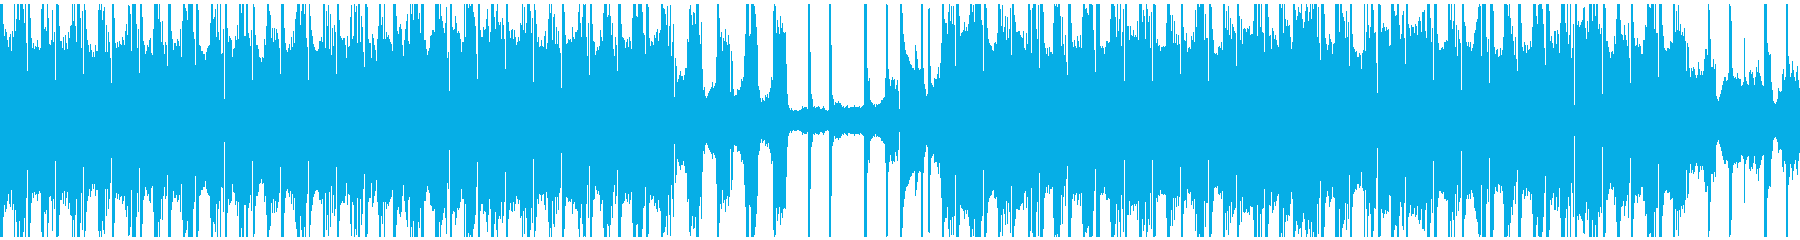 アンビエントチルハウスの再生済みの波形